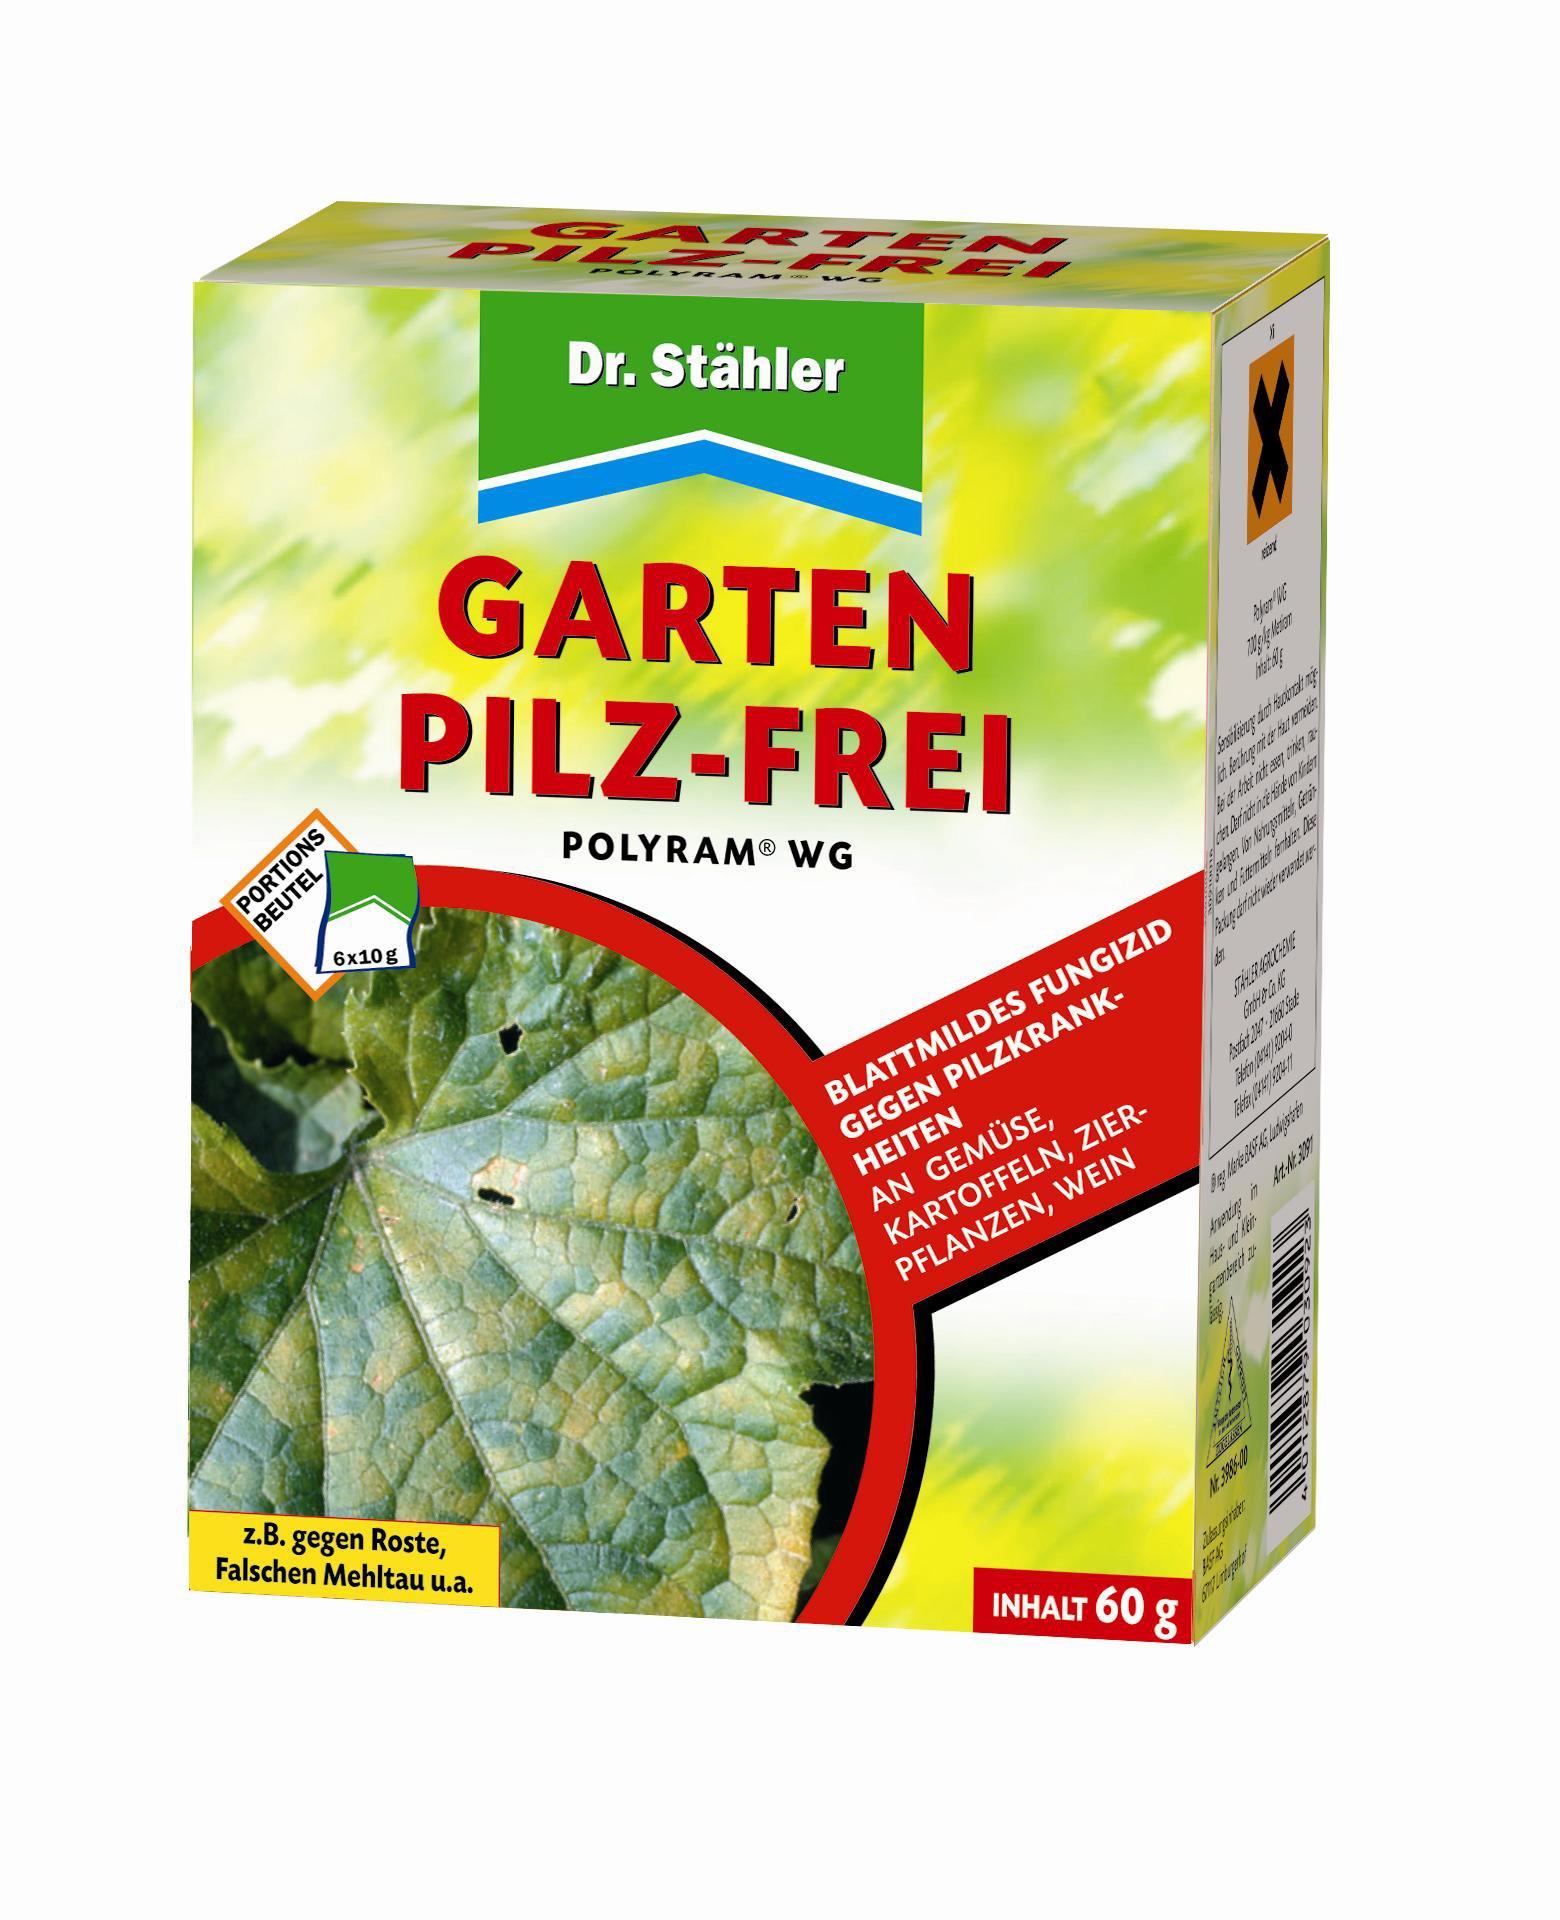 Dr. Stähler 030923 Garten Pilz-Frei, Fungizid gegen Pilzkrankheiten an Gartenpflanzen, 6 Portionsbeutel product image